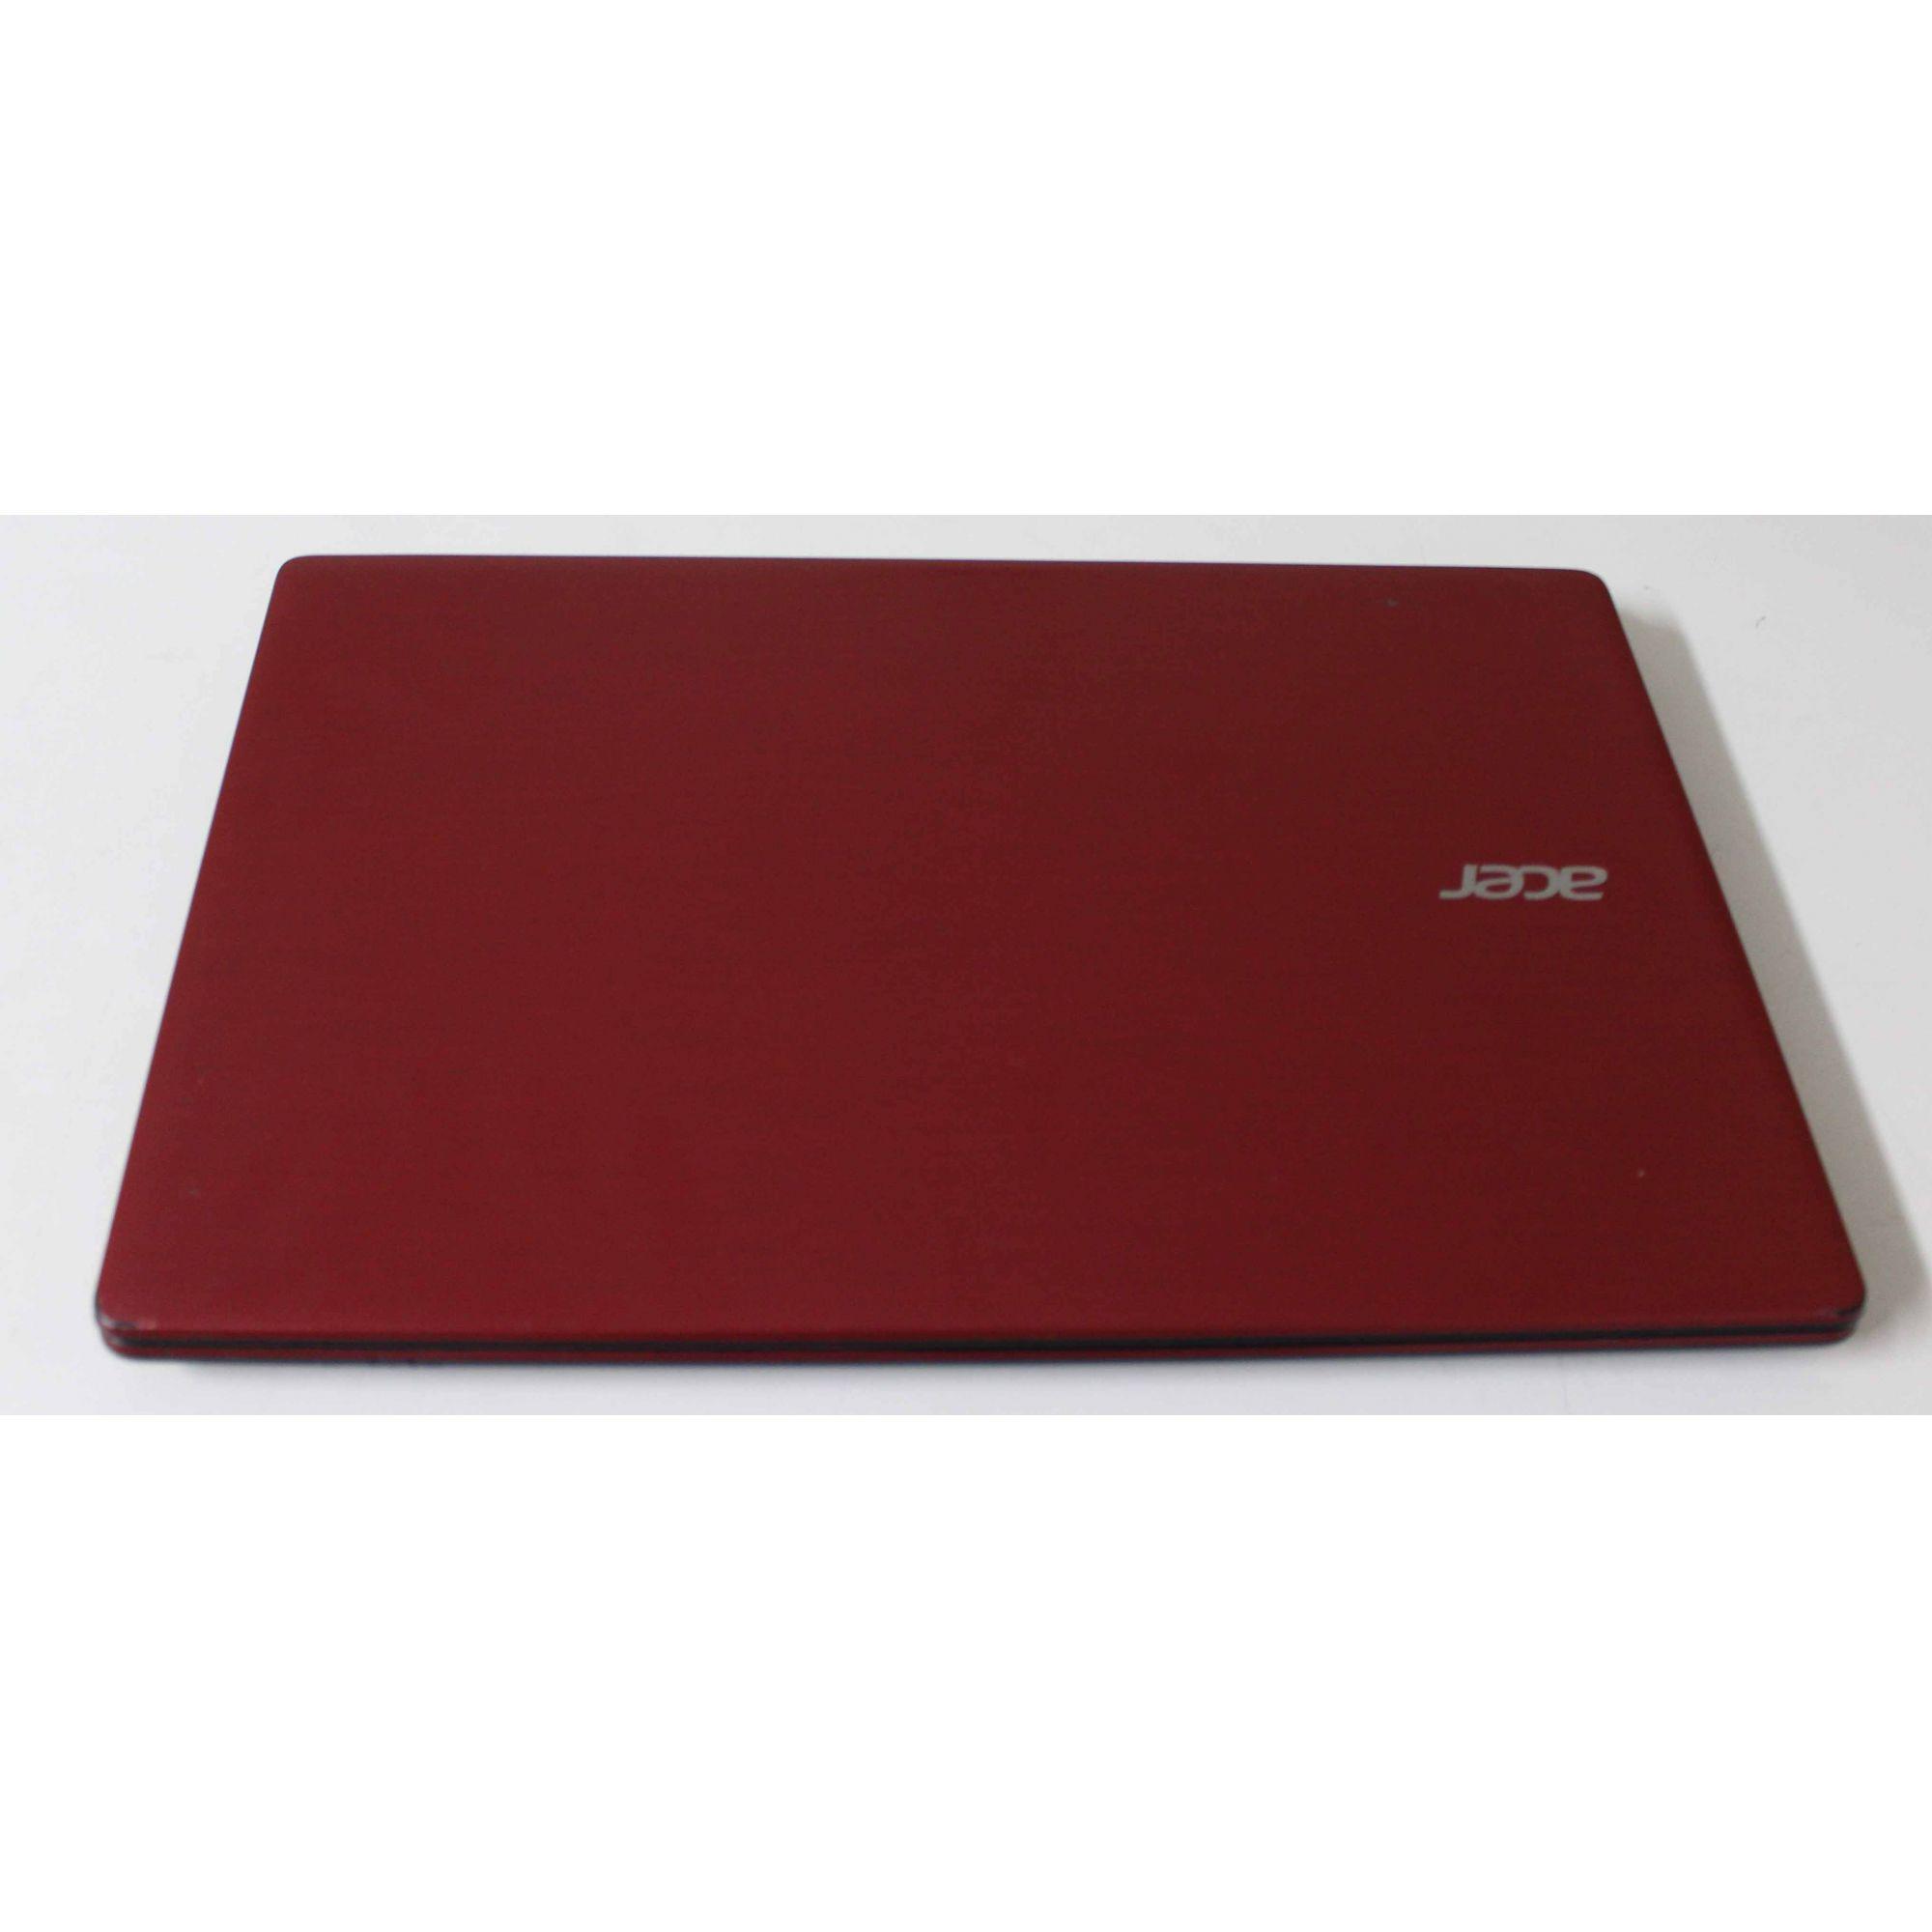 Notebook Acer Aspire E5-571-34DV 15.6'' Intel Core i3 1.7GHz 4GB HD-500GB + Alphanumérico (Não Enviamos)